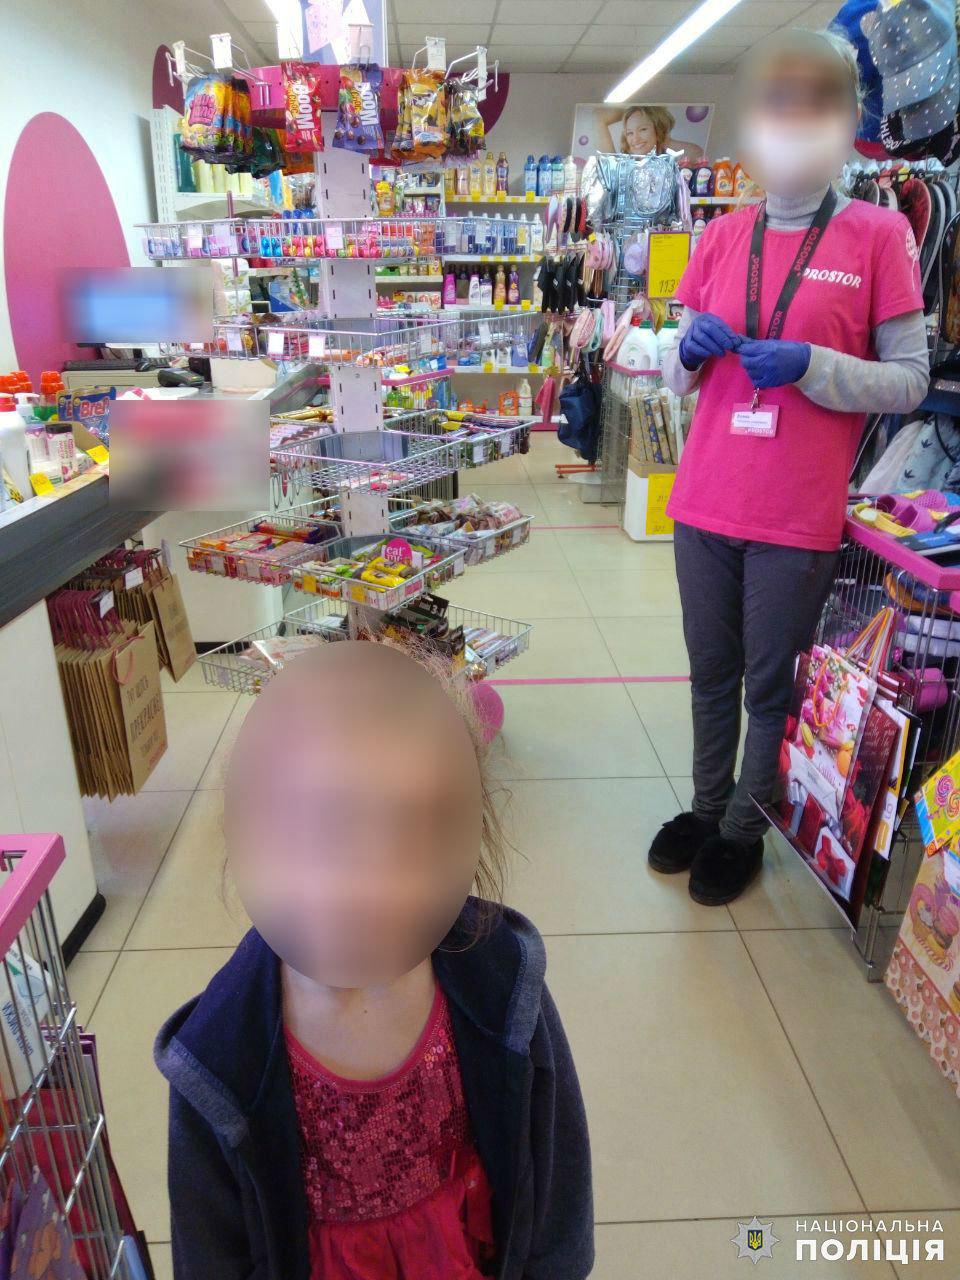 Дружківка: Маленька дівчинка гуляла містом без супроводу батьків, фото-2